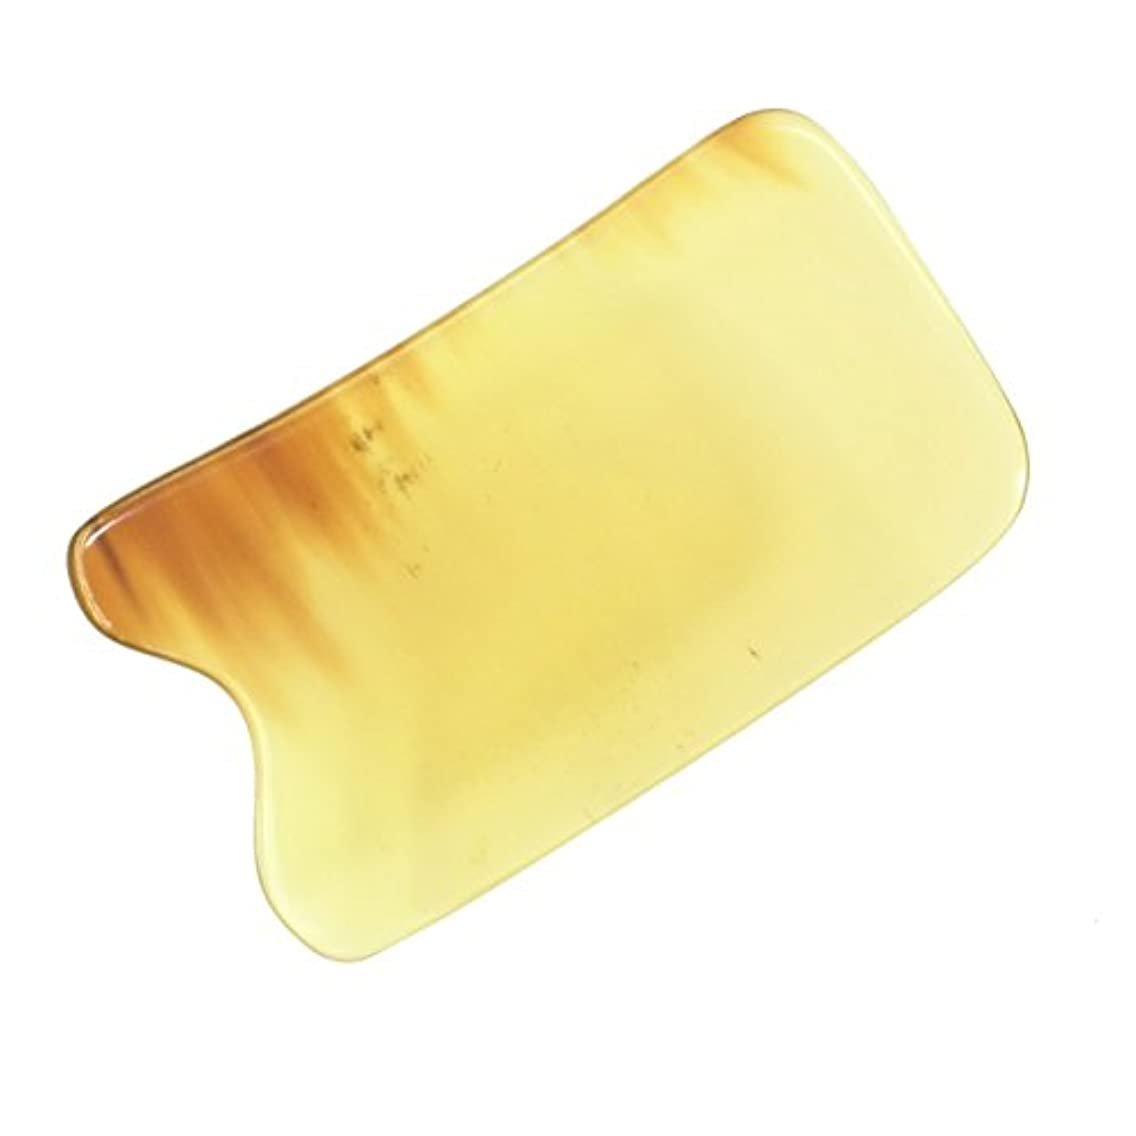 乞食隔離以降かっさ プレート 厚さが選べる 水牛の角(黄水牛角) EHE219 四角凹 一般品 少し薄め (4ミリ程度)